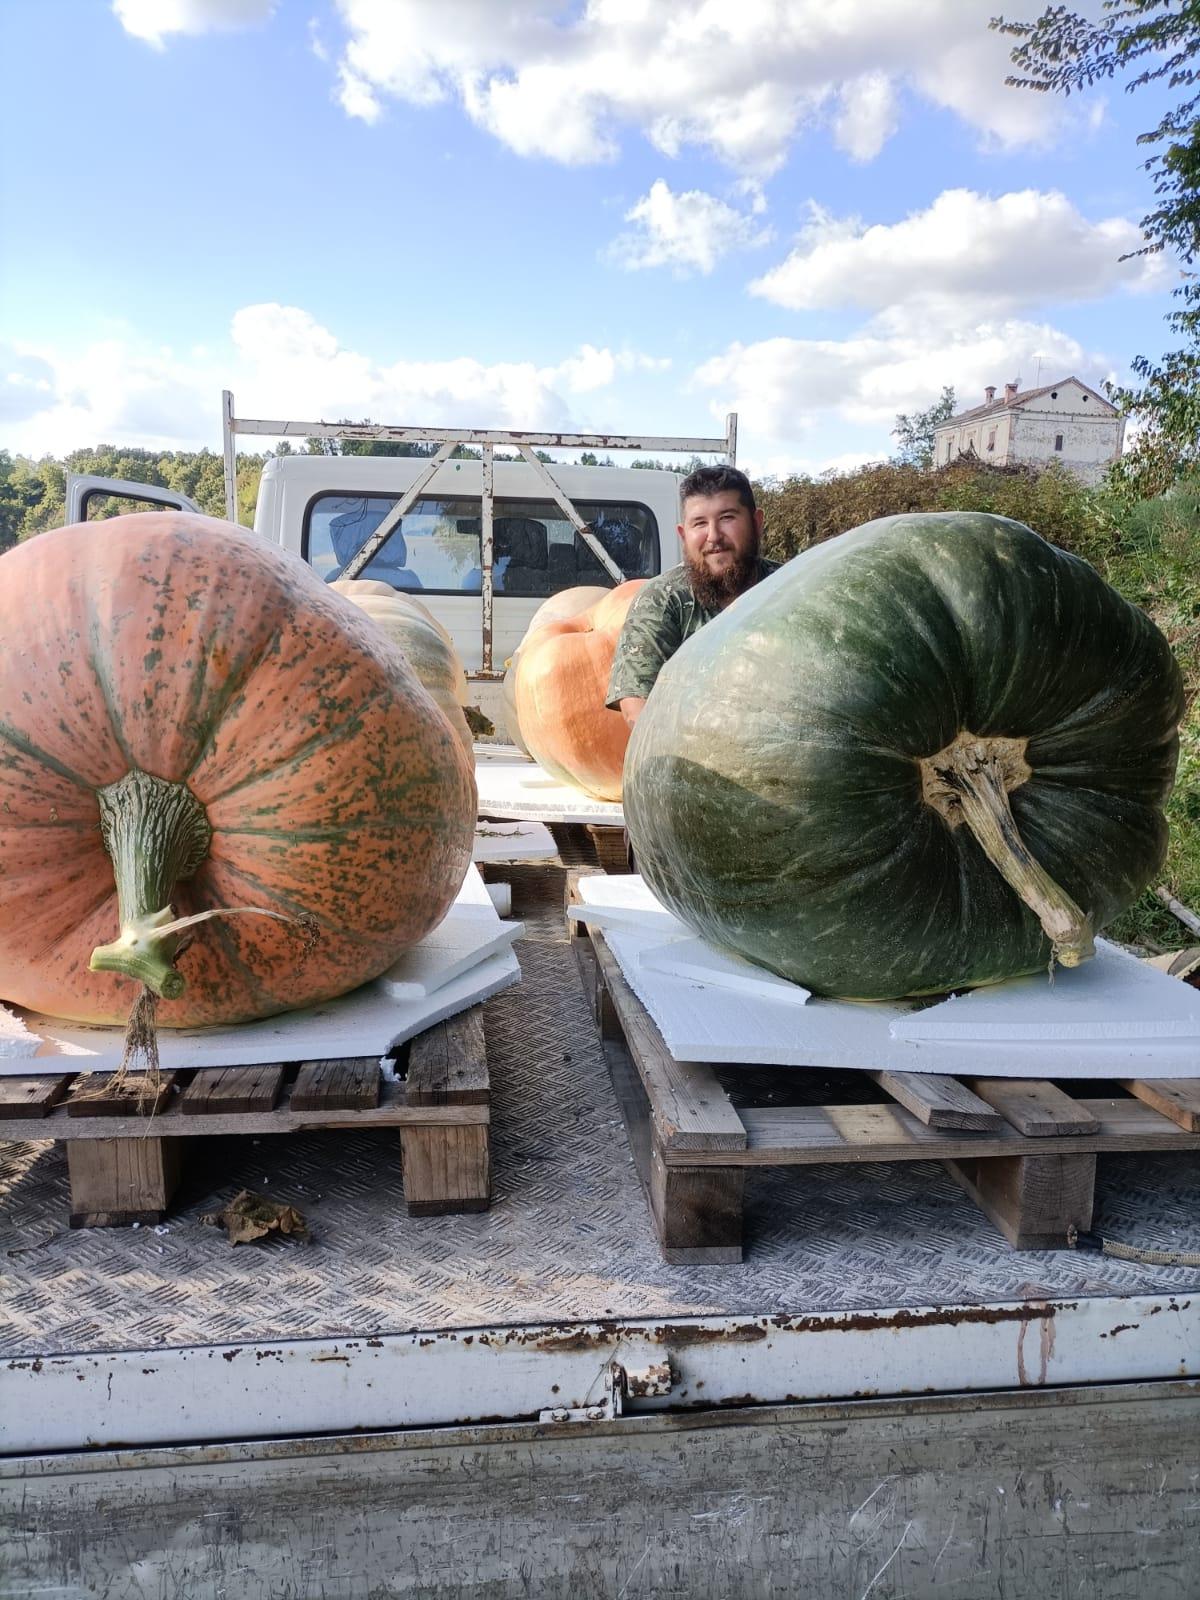 Farigliano - Andrea Bertone e le sue zucche giganti